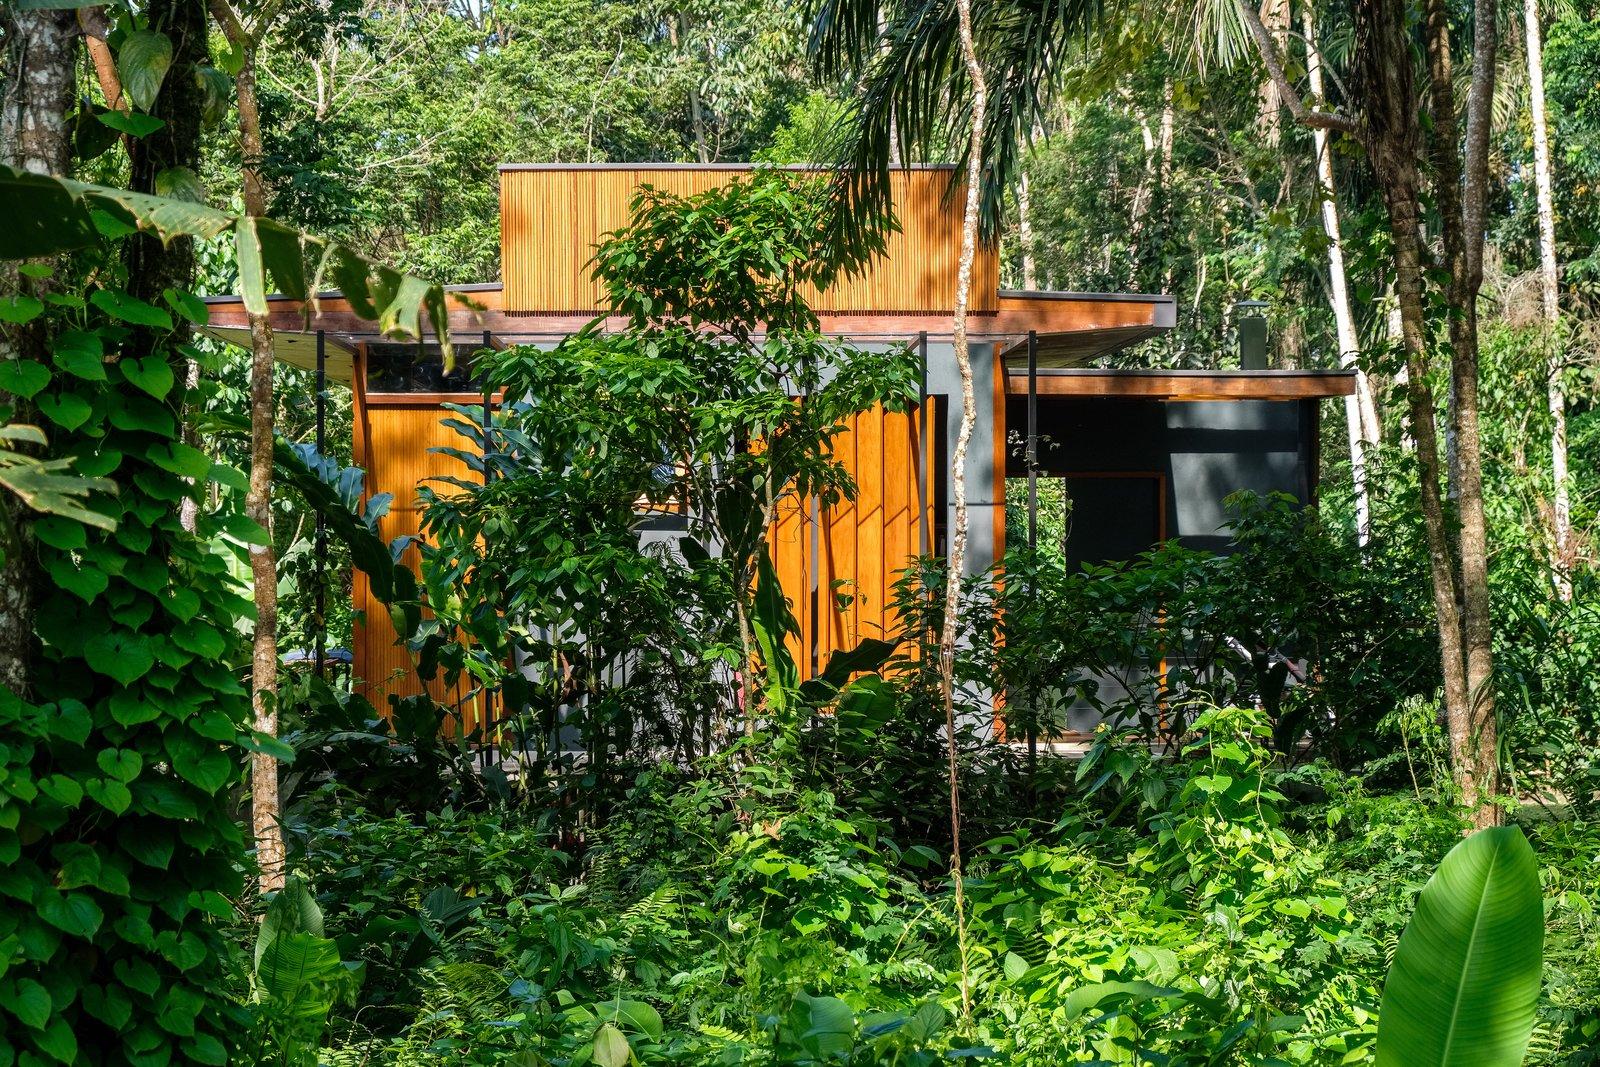 Exterior, material de revestimiento de hormigón, material de revestimiento de madera, tipo de construcción de vivienda y línea de techo plana La casa revestida de madera se encuentra en el exuberante follaje del paisaje existente.